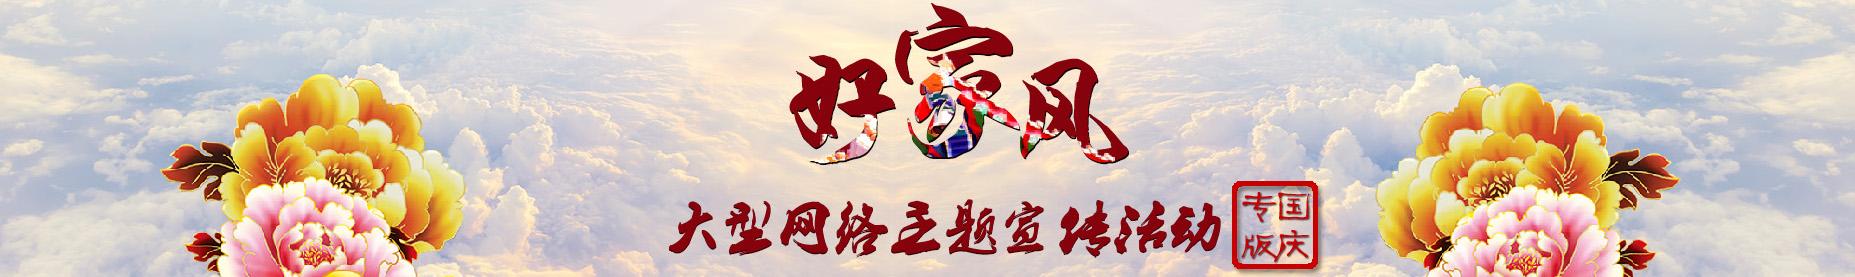 """【专题】庆祝中华人民共和国成立66周年""""好家风""""大型网络主题宣传活动 国庆专版"""